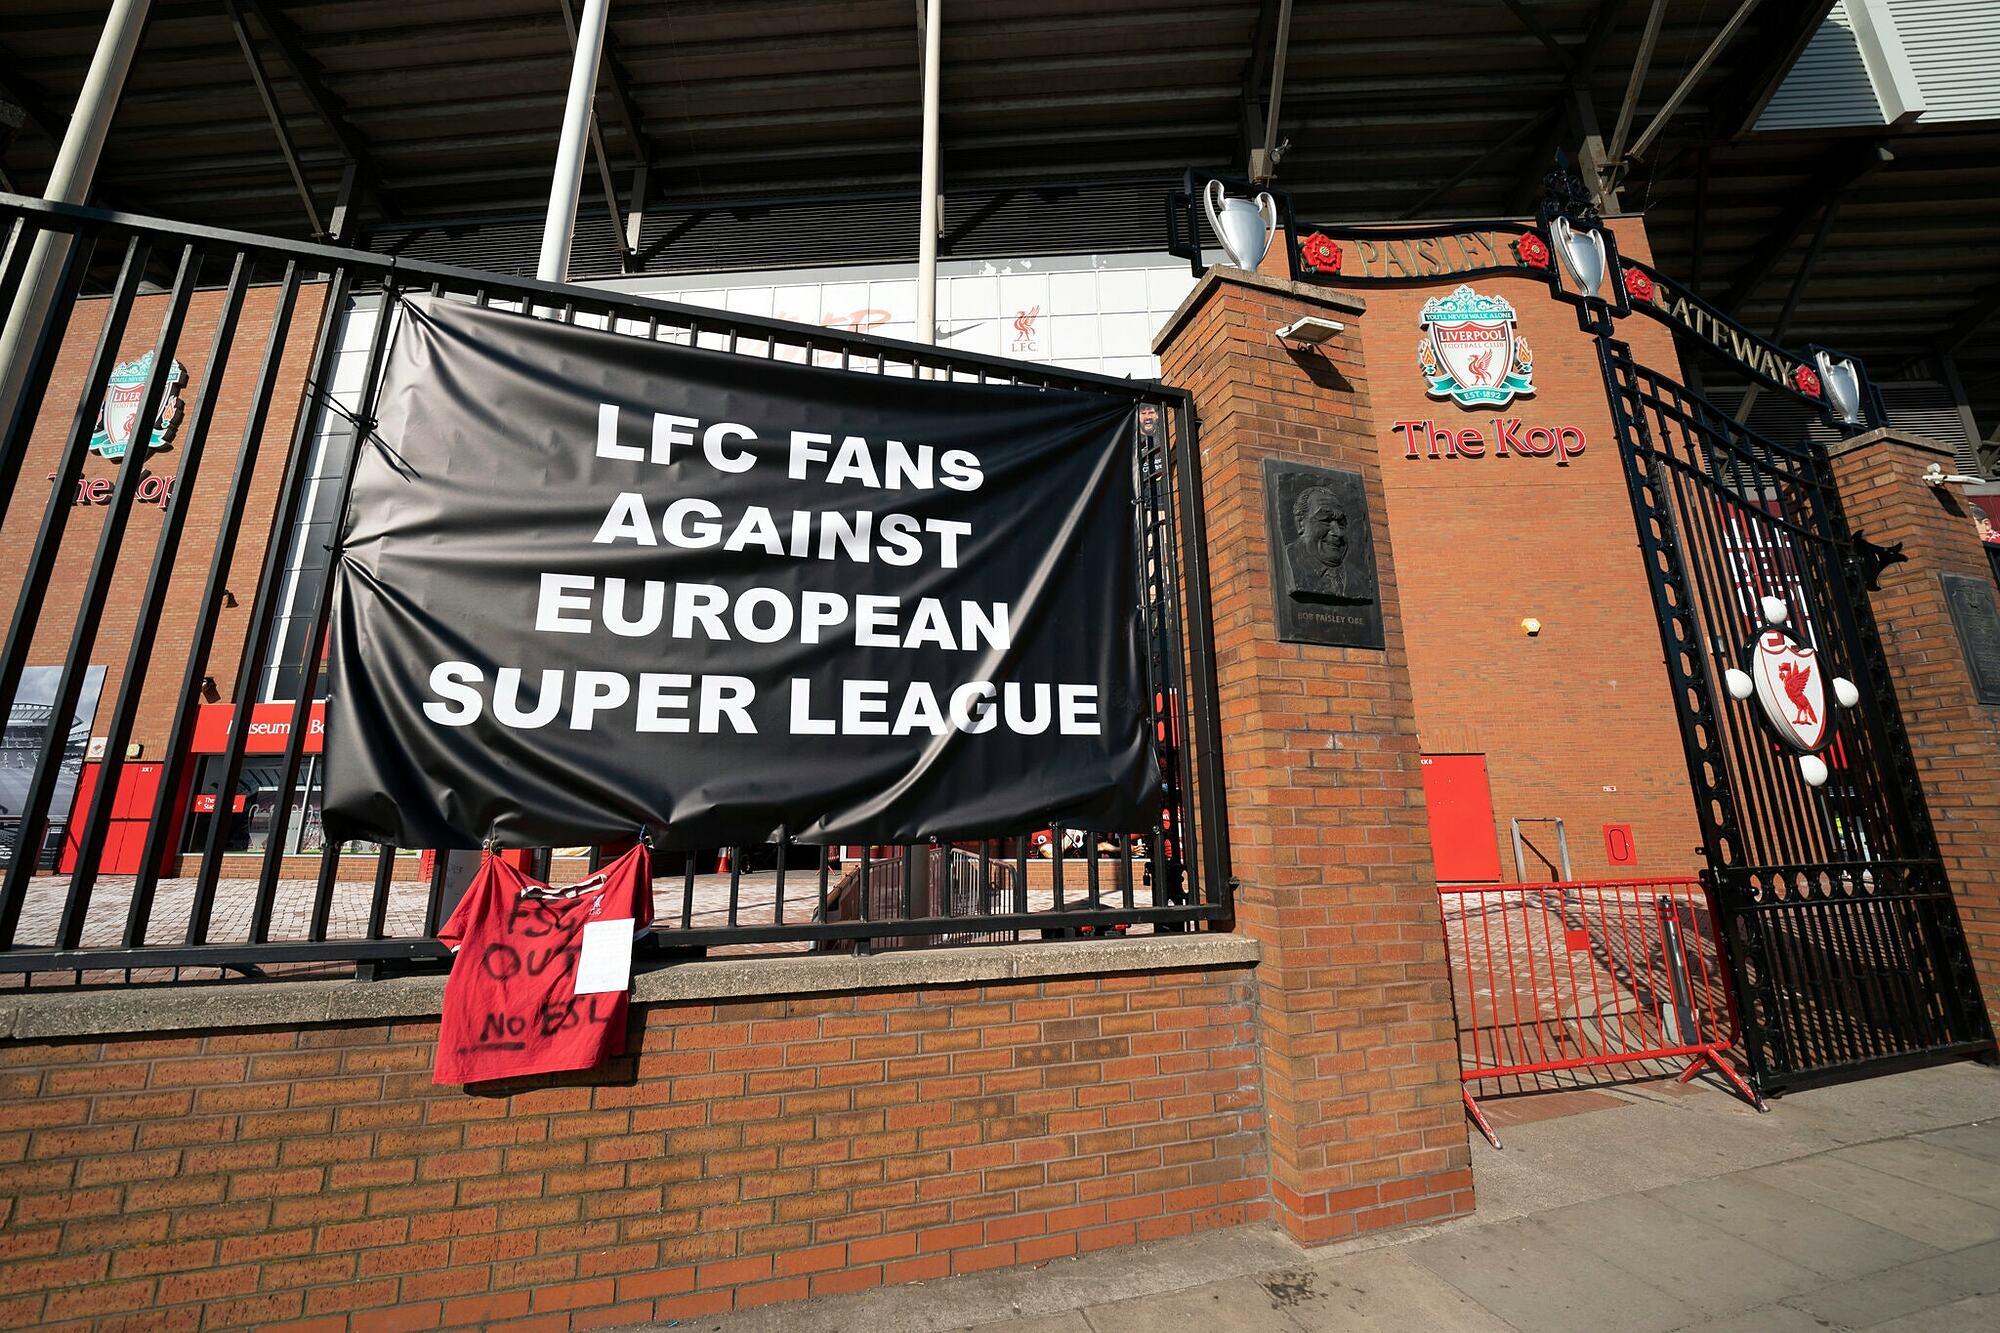 CĐV Liverpool căng băng-rôn phản đối Super League bên ngoài sân Anfield hôm 19/4. Ảnh: AP